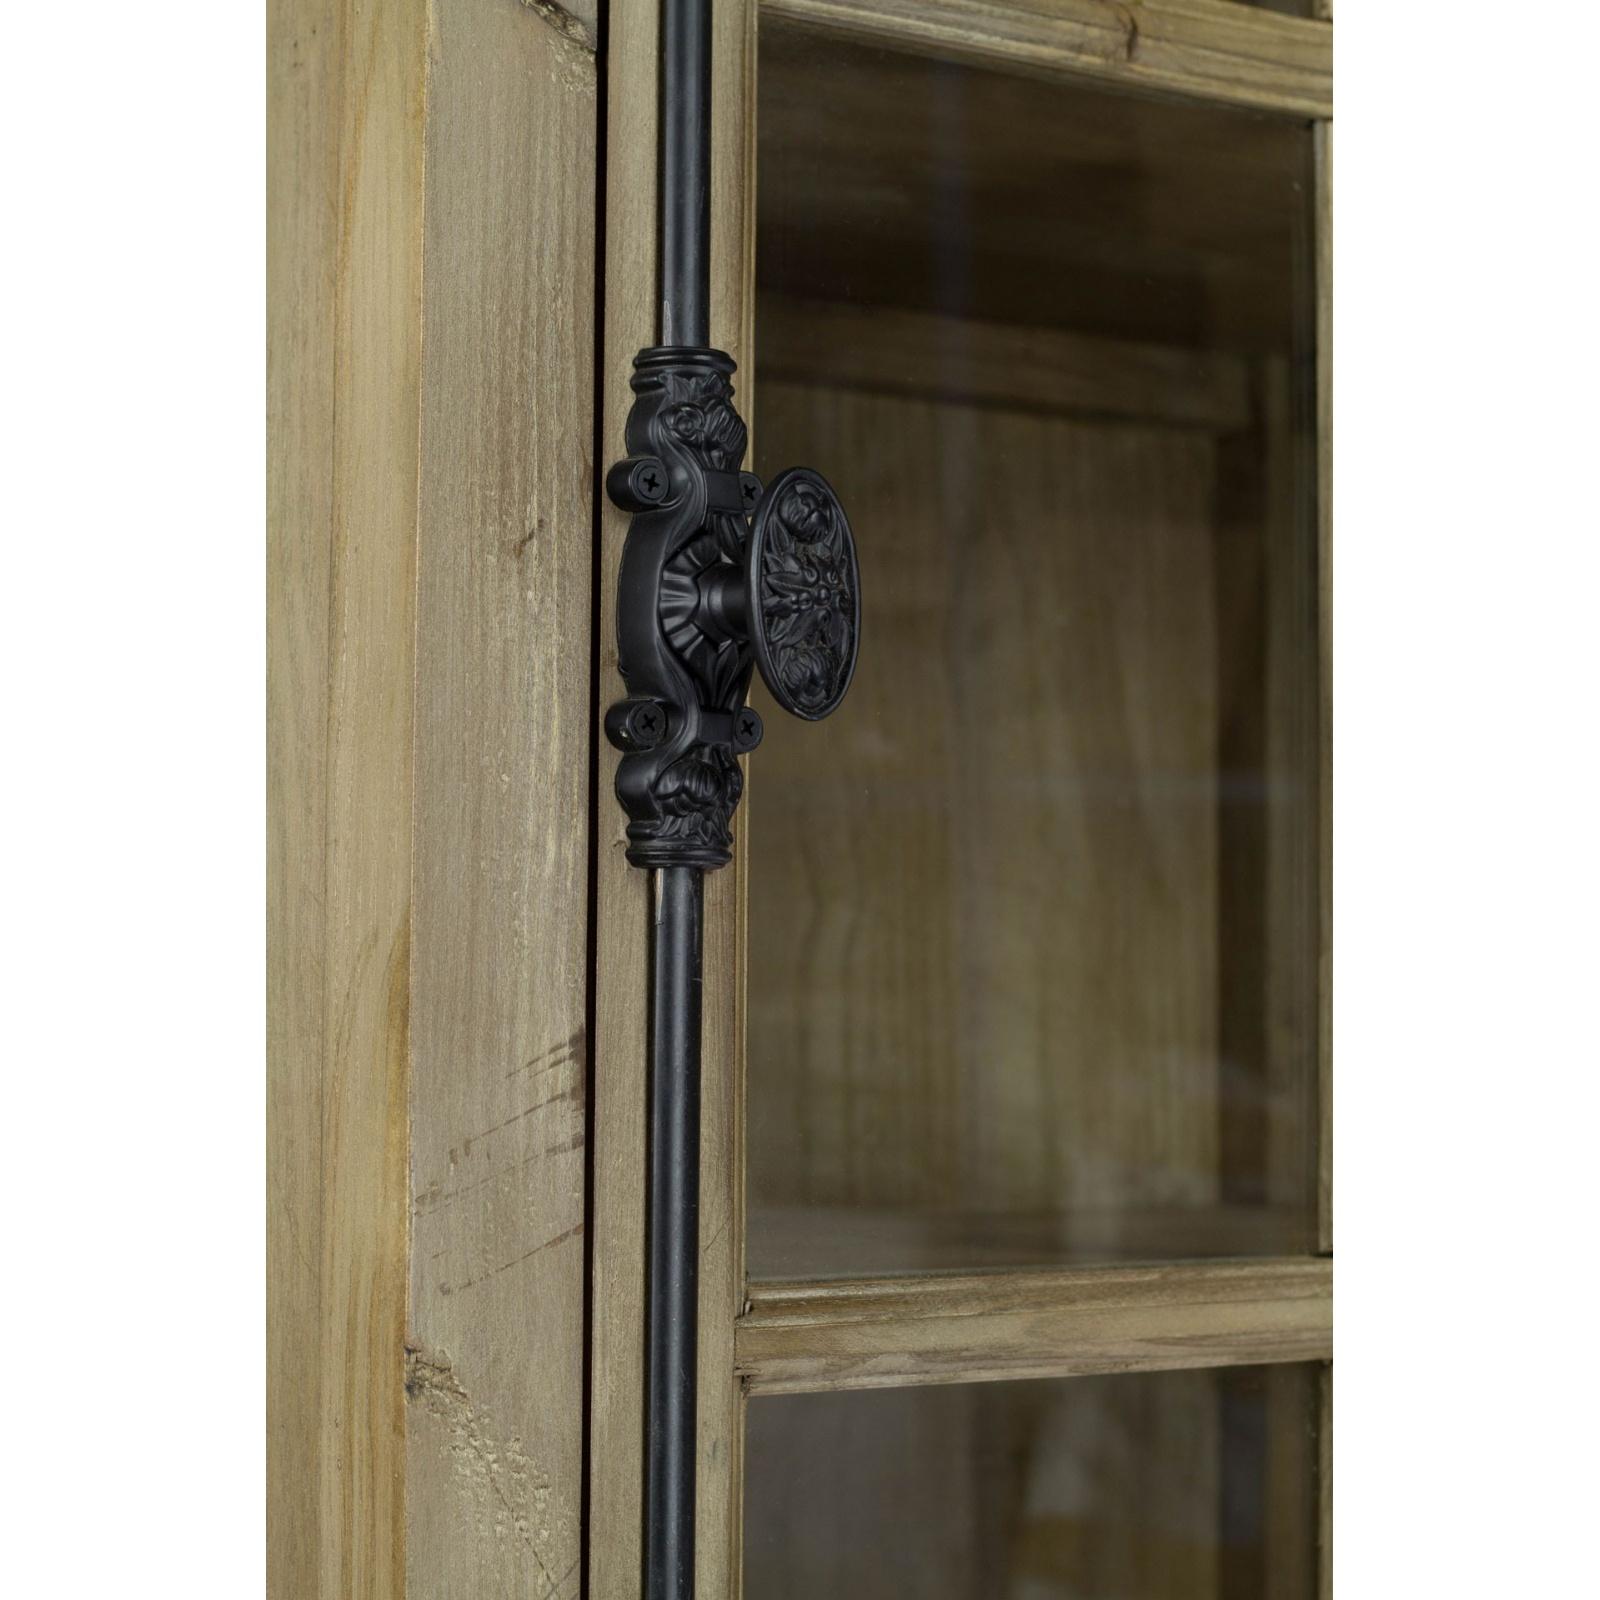 Armoir Une Porte Ensien : Armoire une porte jp b décoration